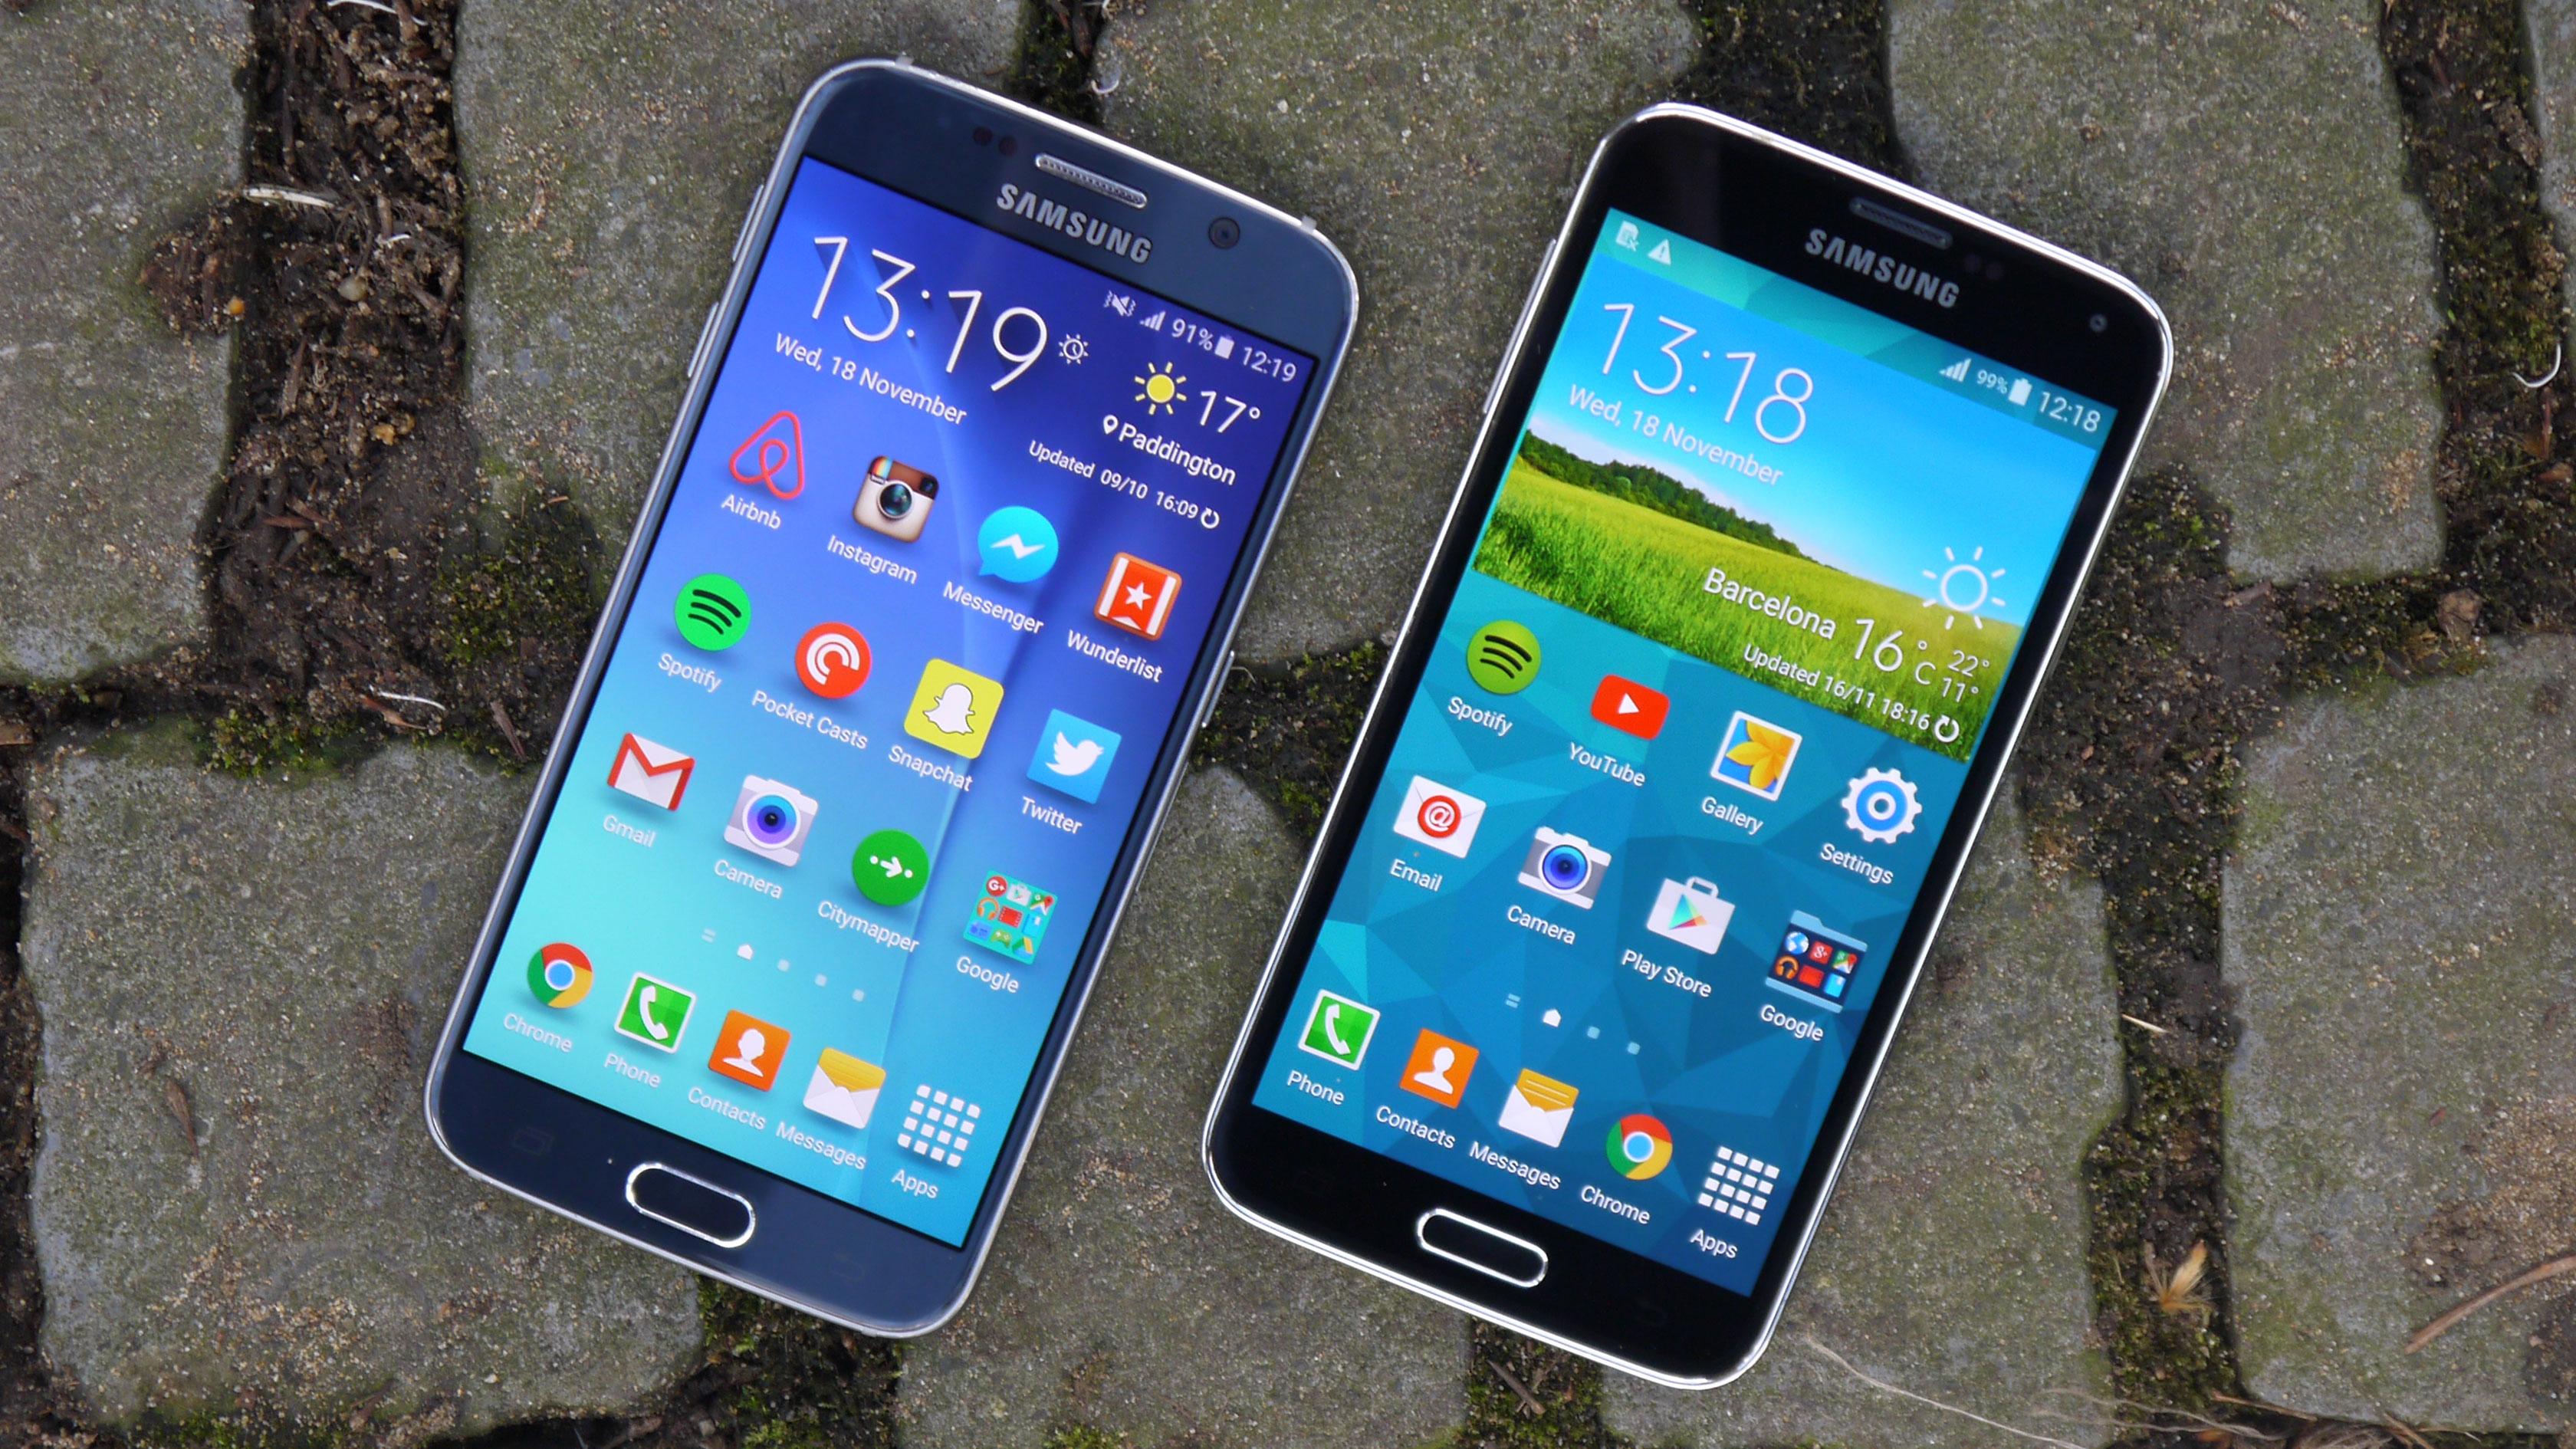 Samsung Galaxy S6 Vs Samsung Galaxy S5 Techradar